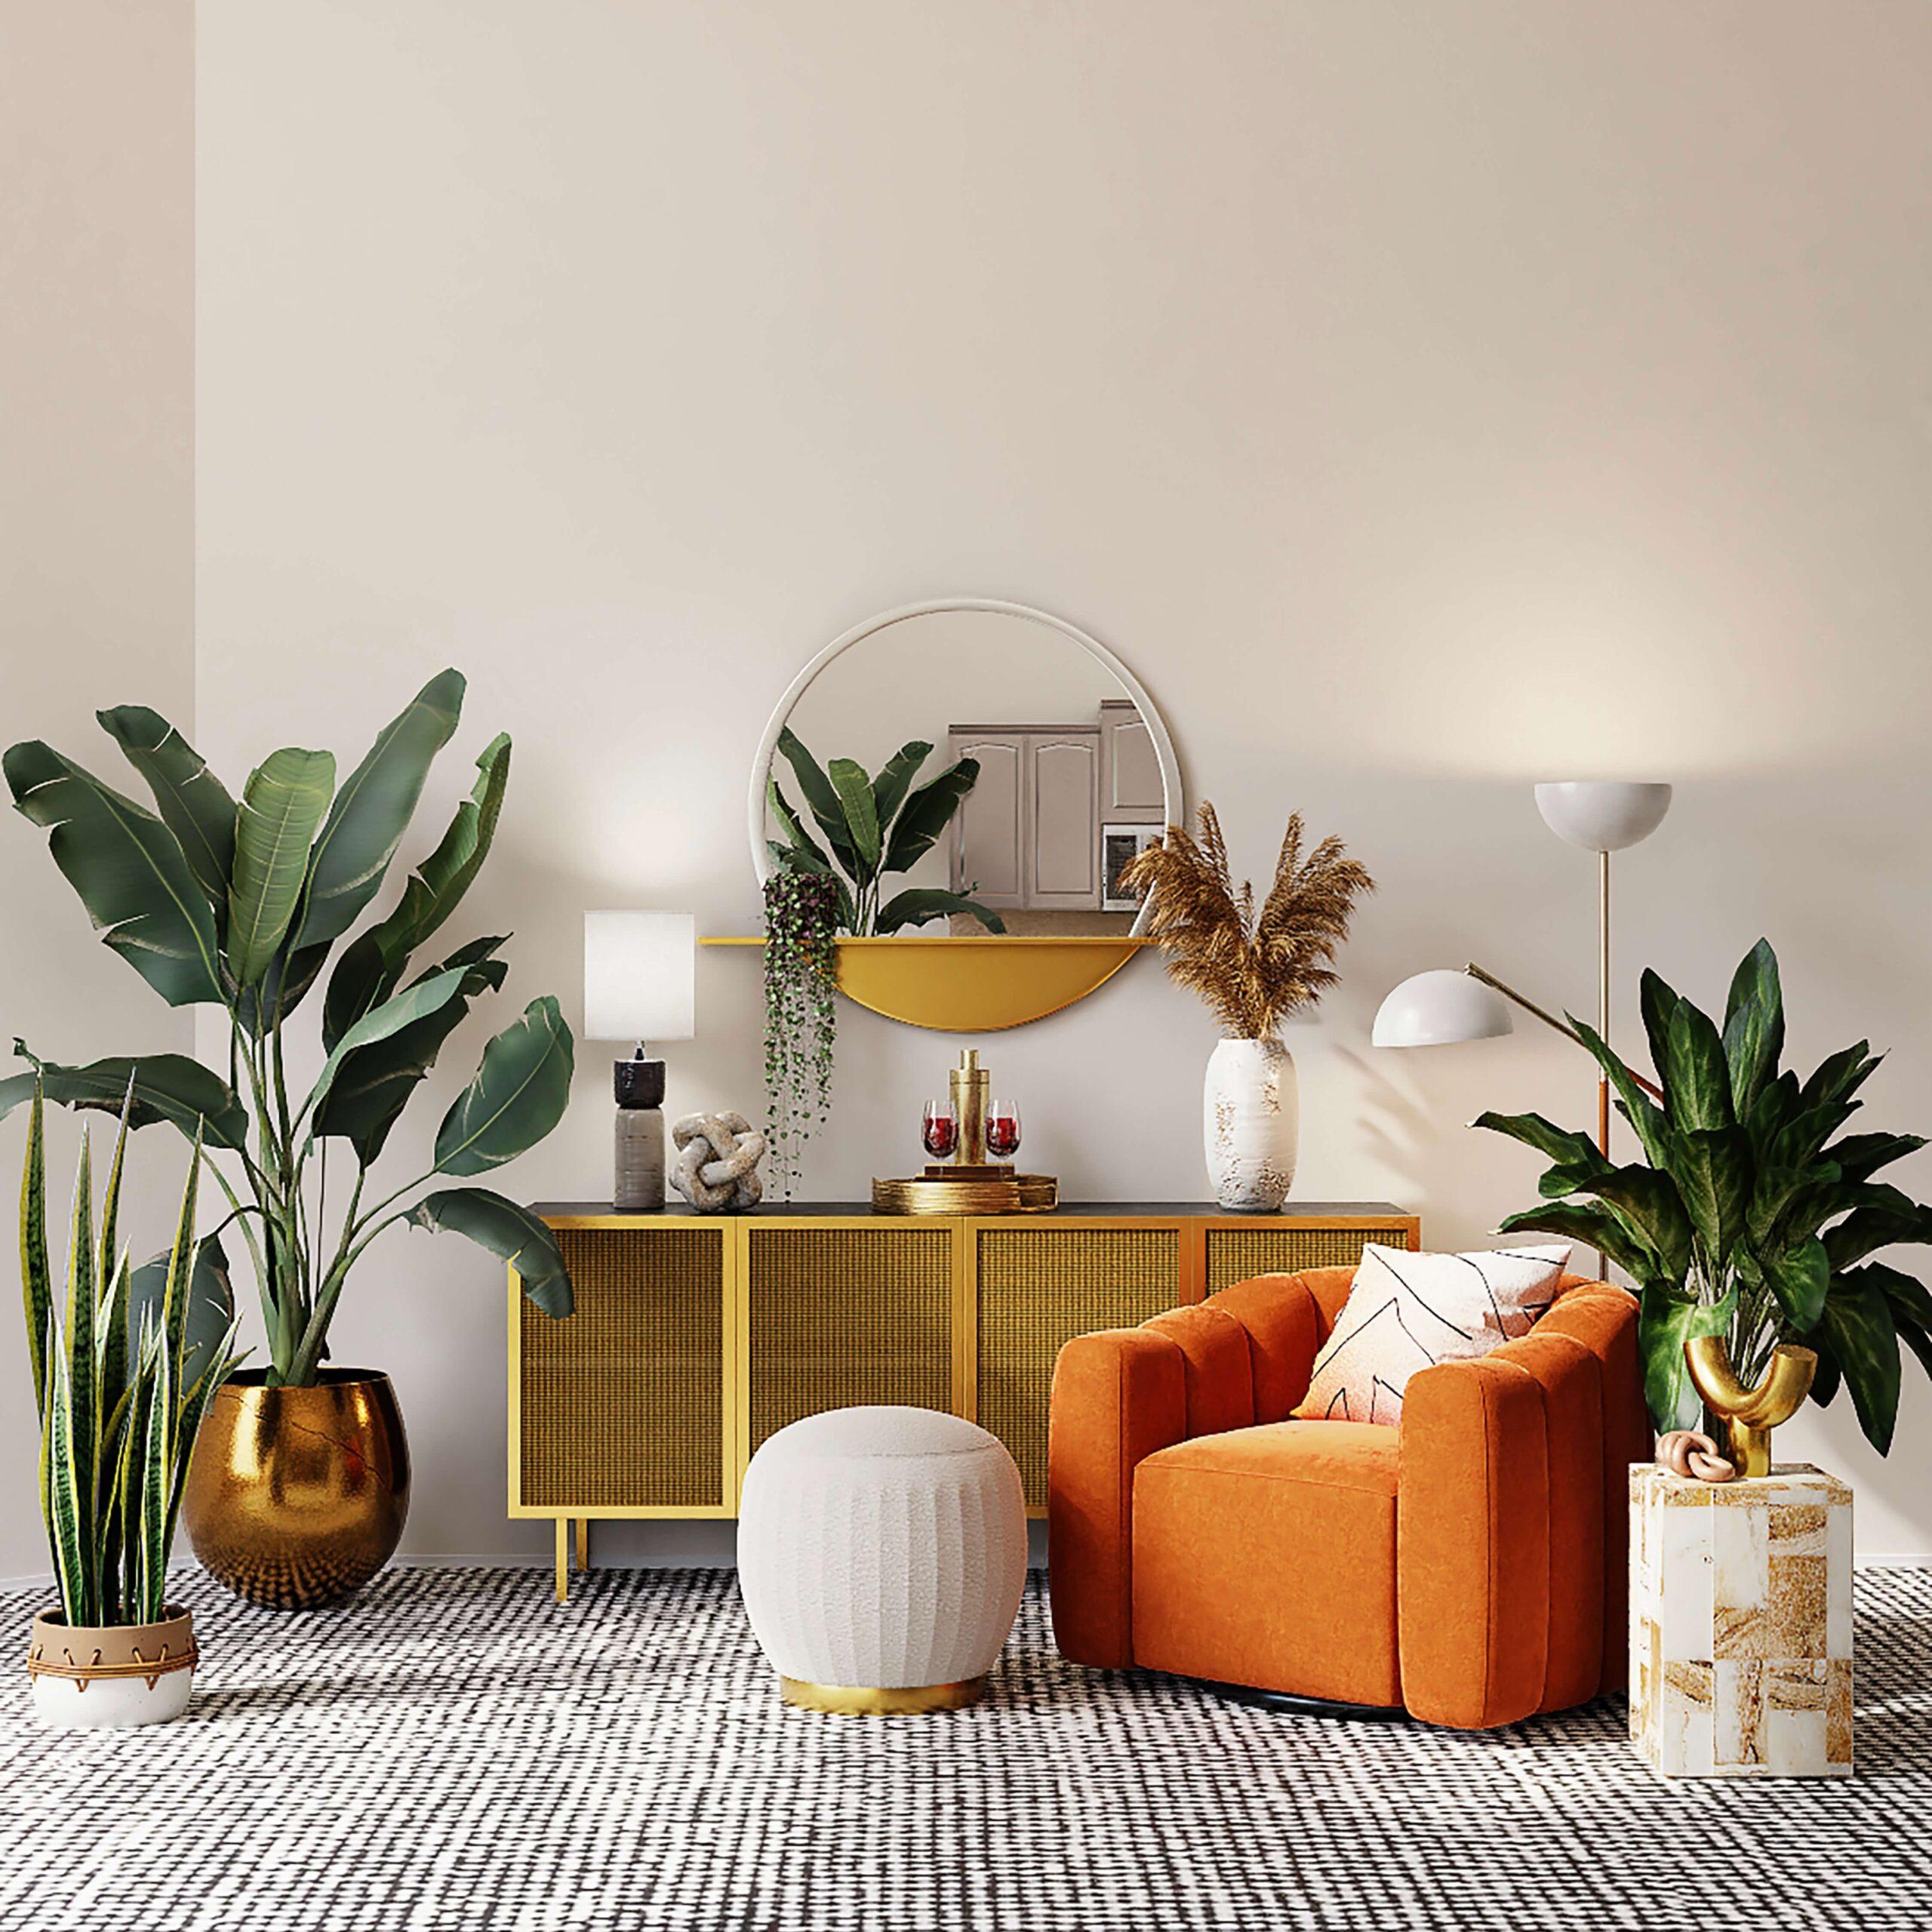 Plantas de interior que no requieren luz | Wanti Home Style